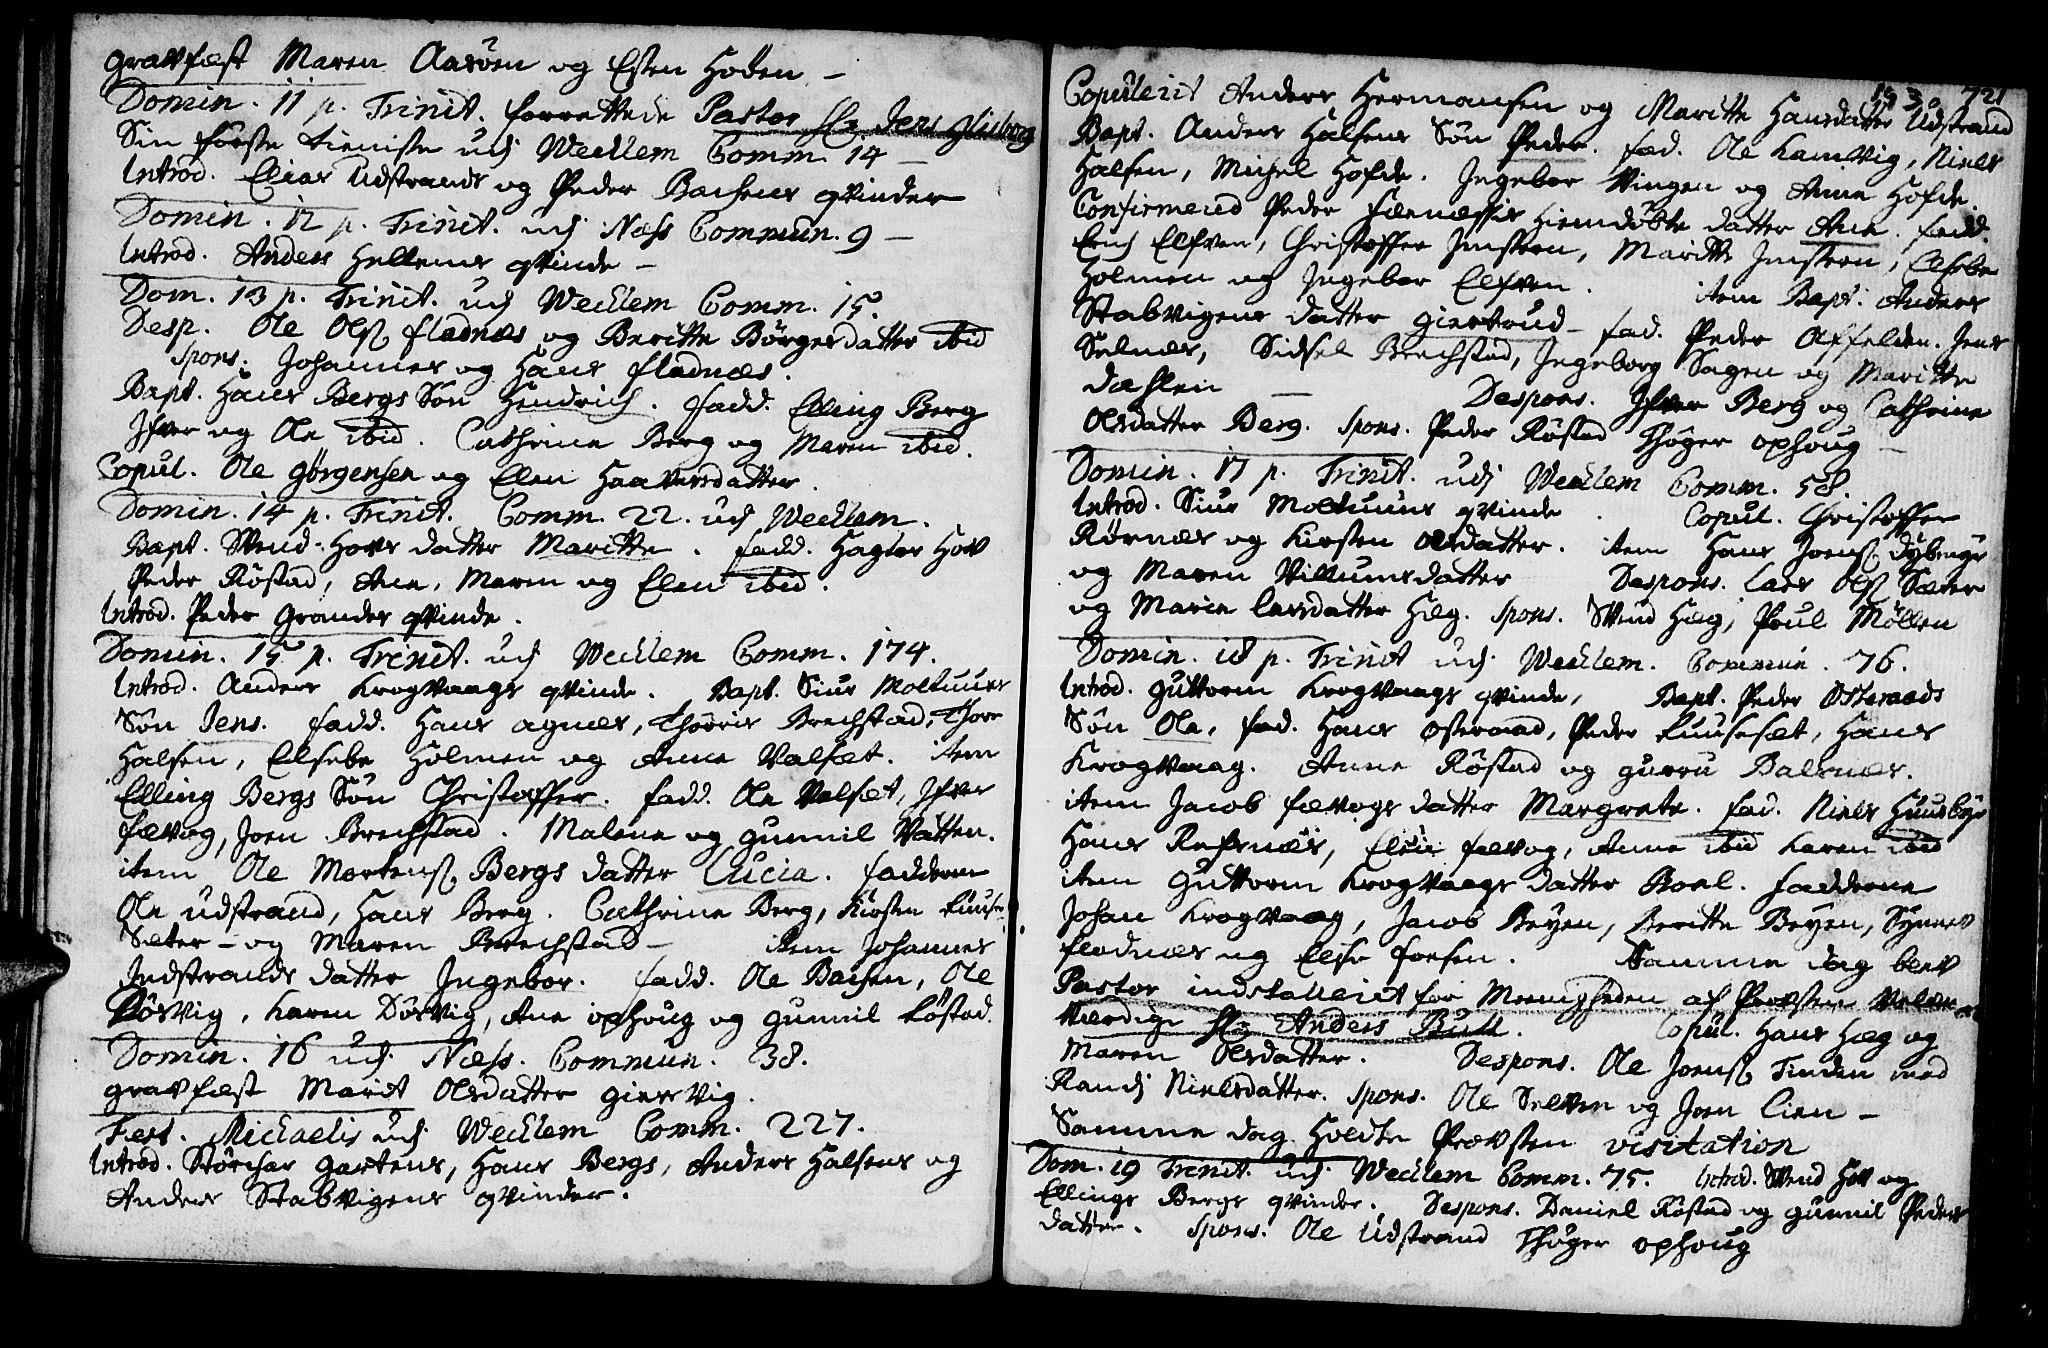 SAT, Ministerialprotokoller, klokkerbøker og fødselsregistre - Sør-Trøndelag, 659/L0731: Ministerialbok nr. 659A01, 1709-1731, s. 192-193